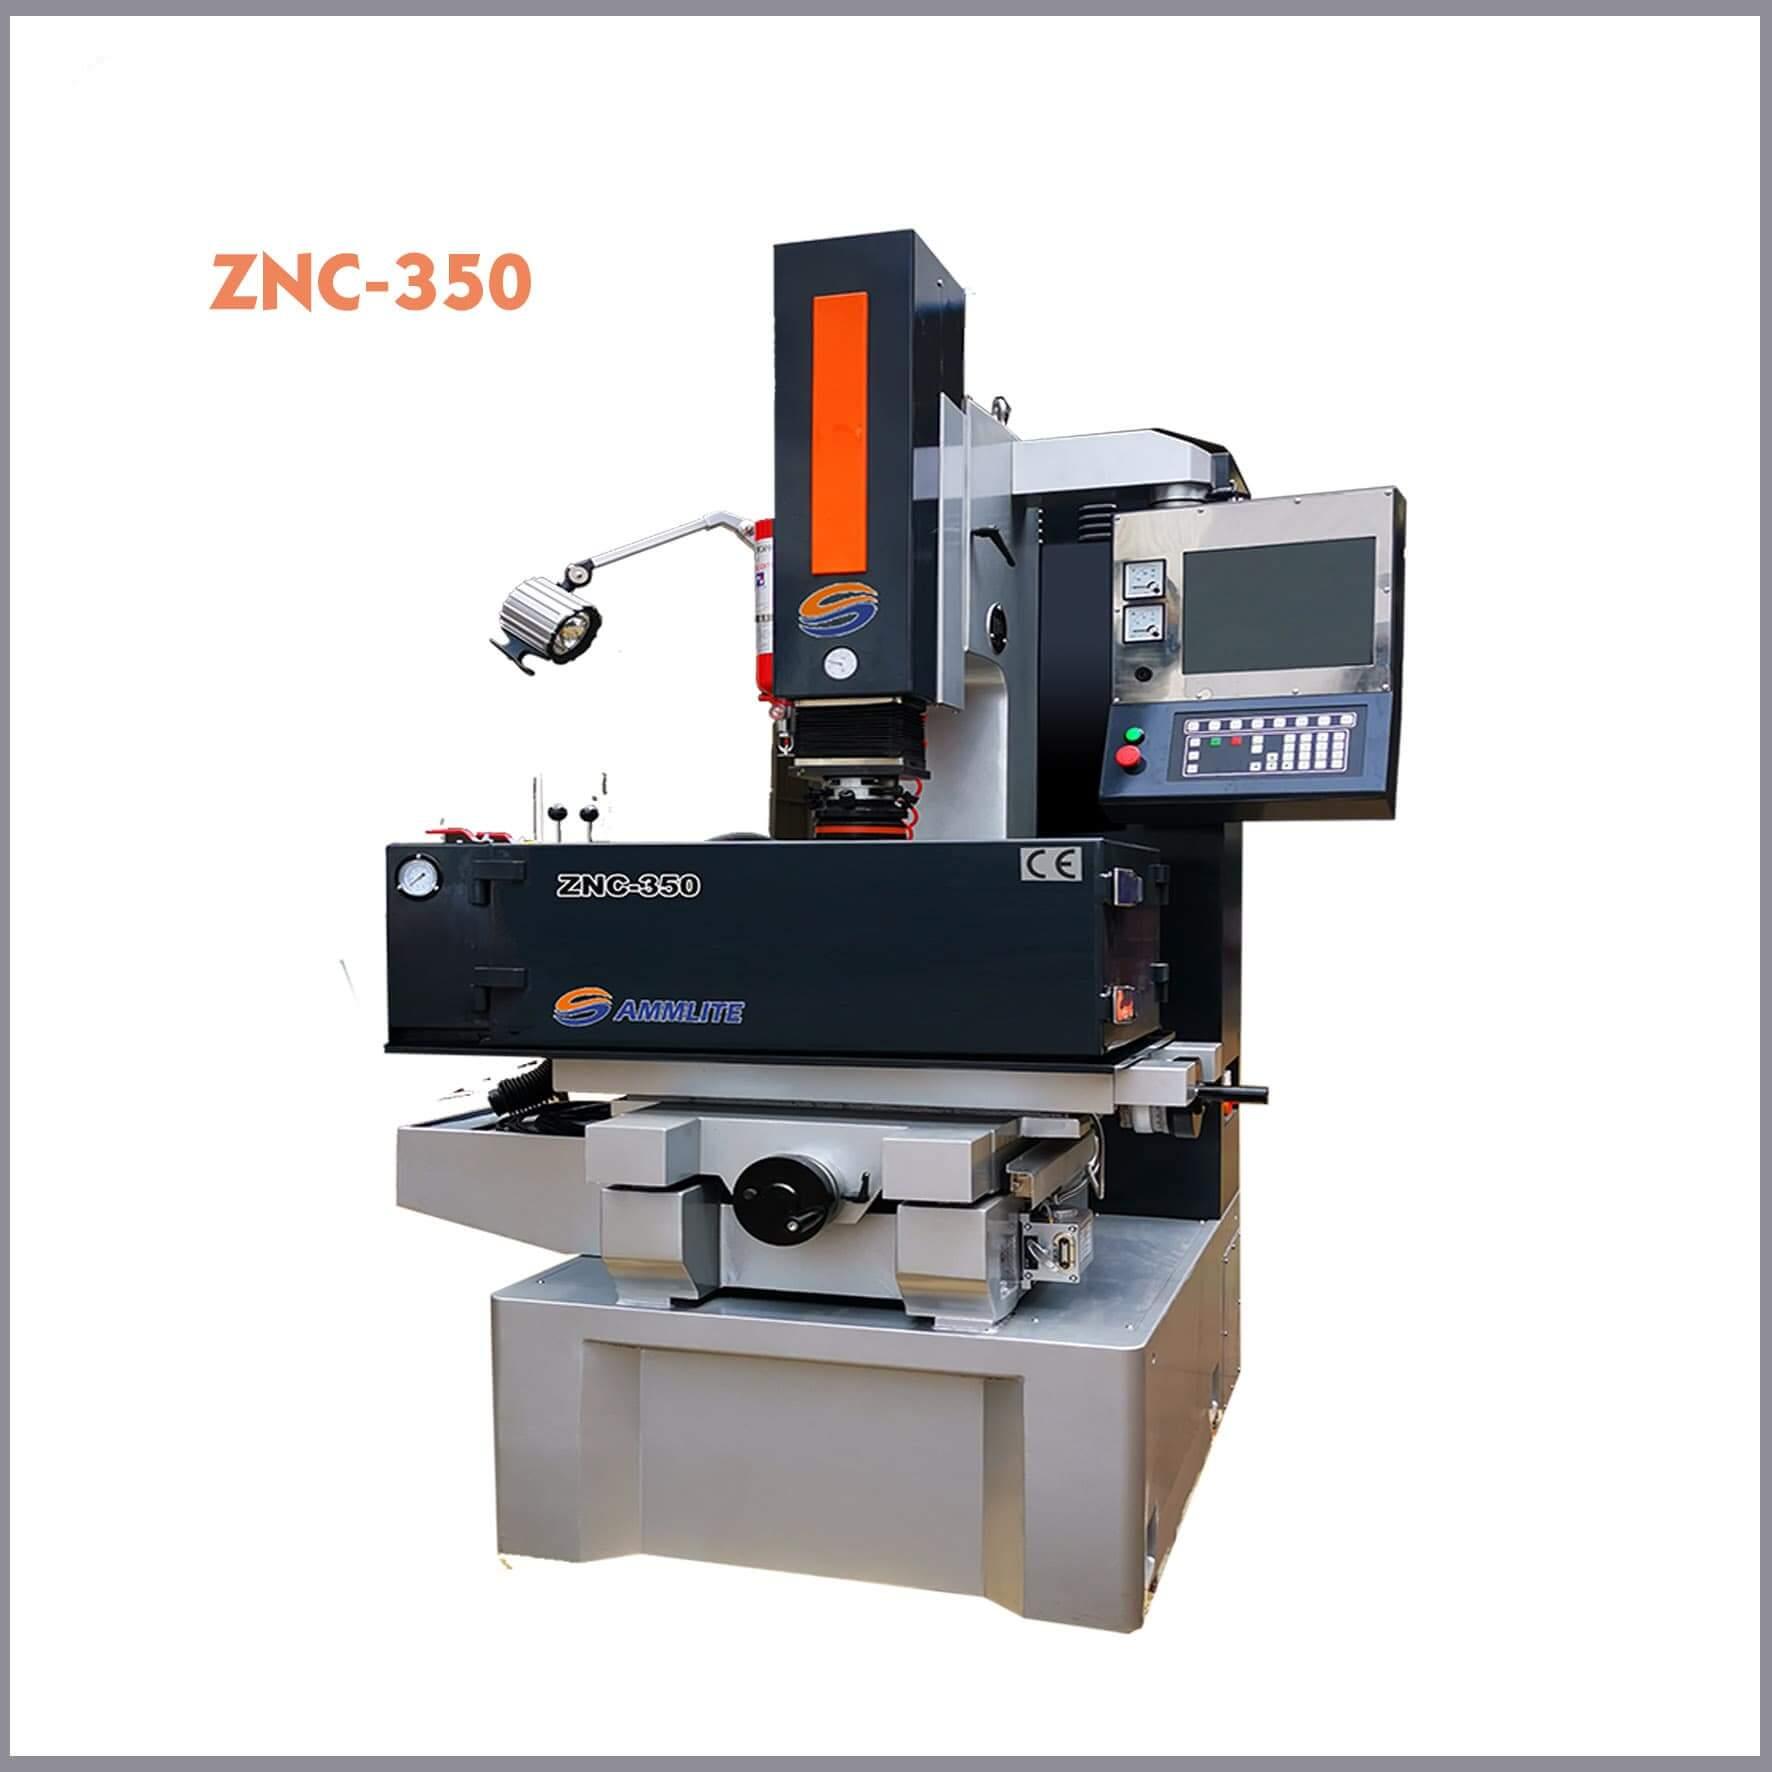 ZNC-350 Dalma Erozyon Tezgahı